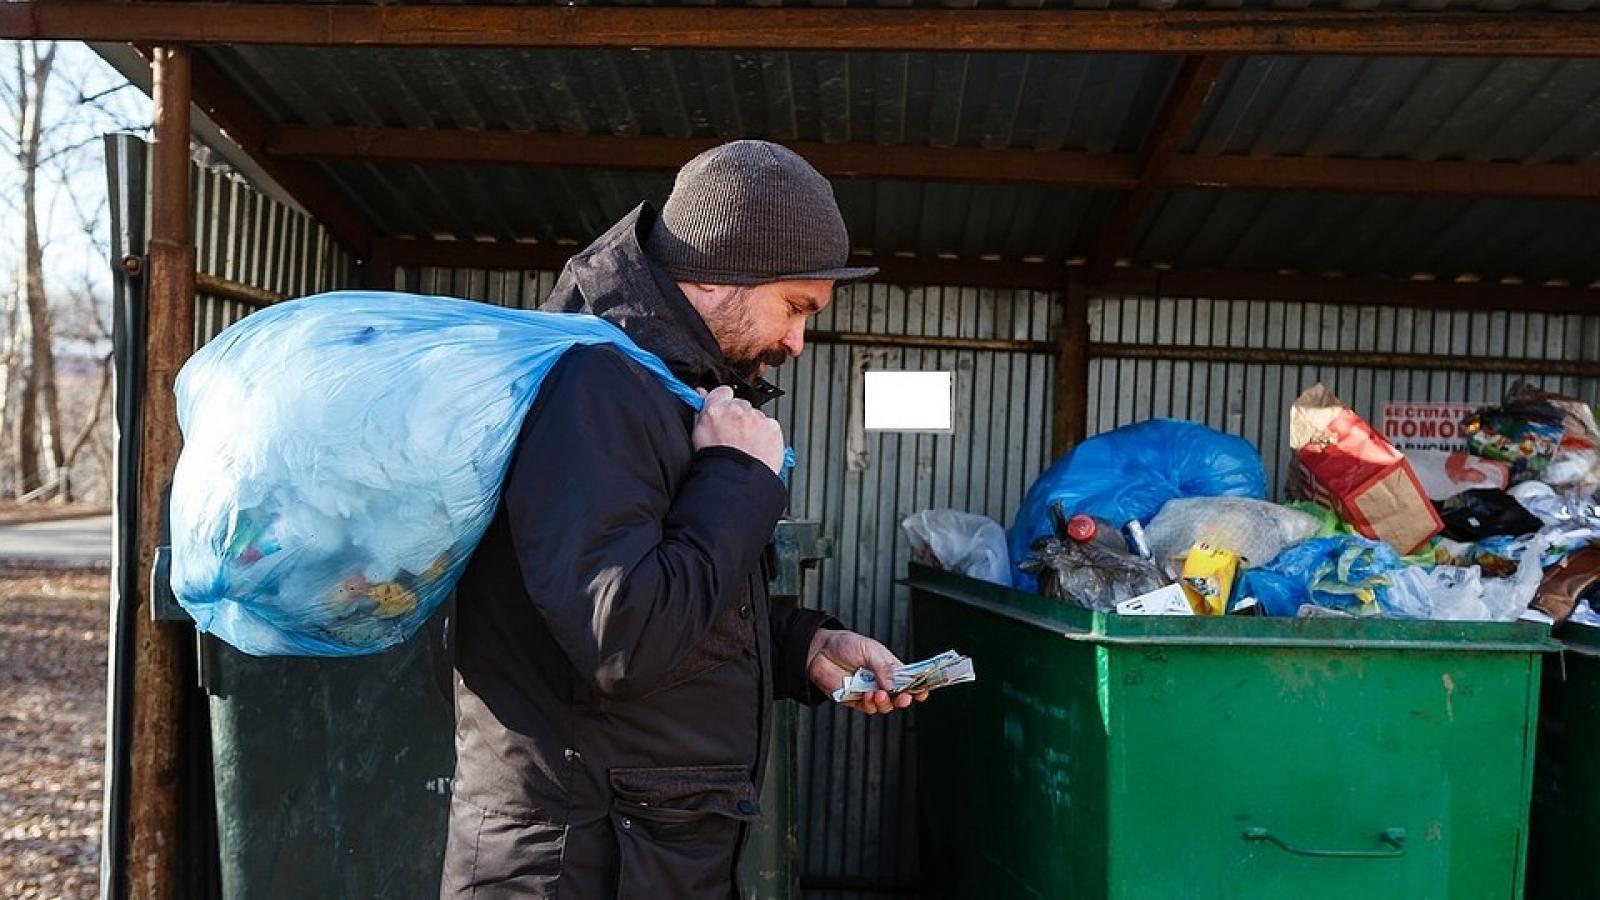 вывоз мусора жильцами самостоятельно